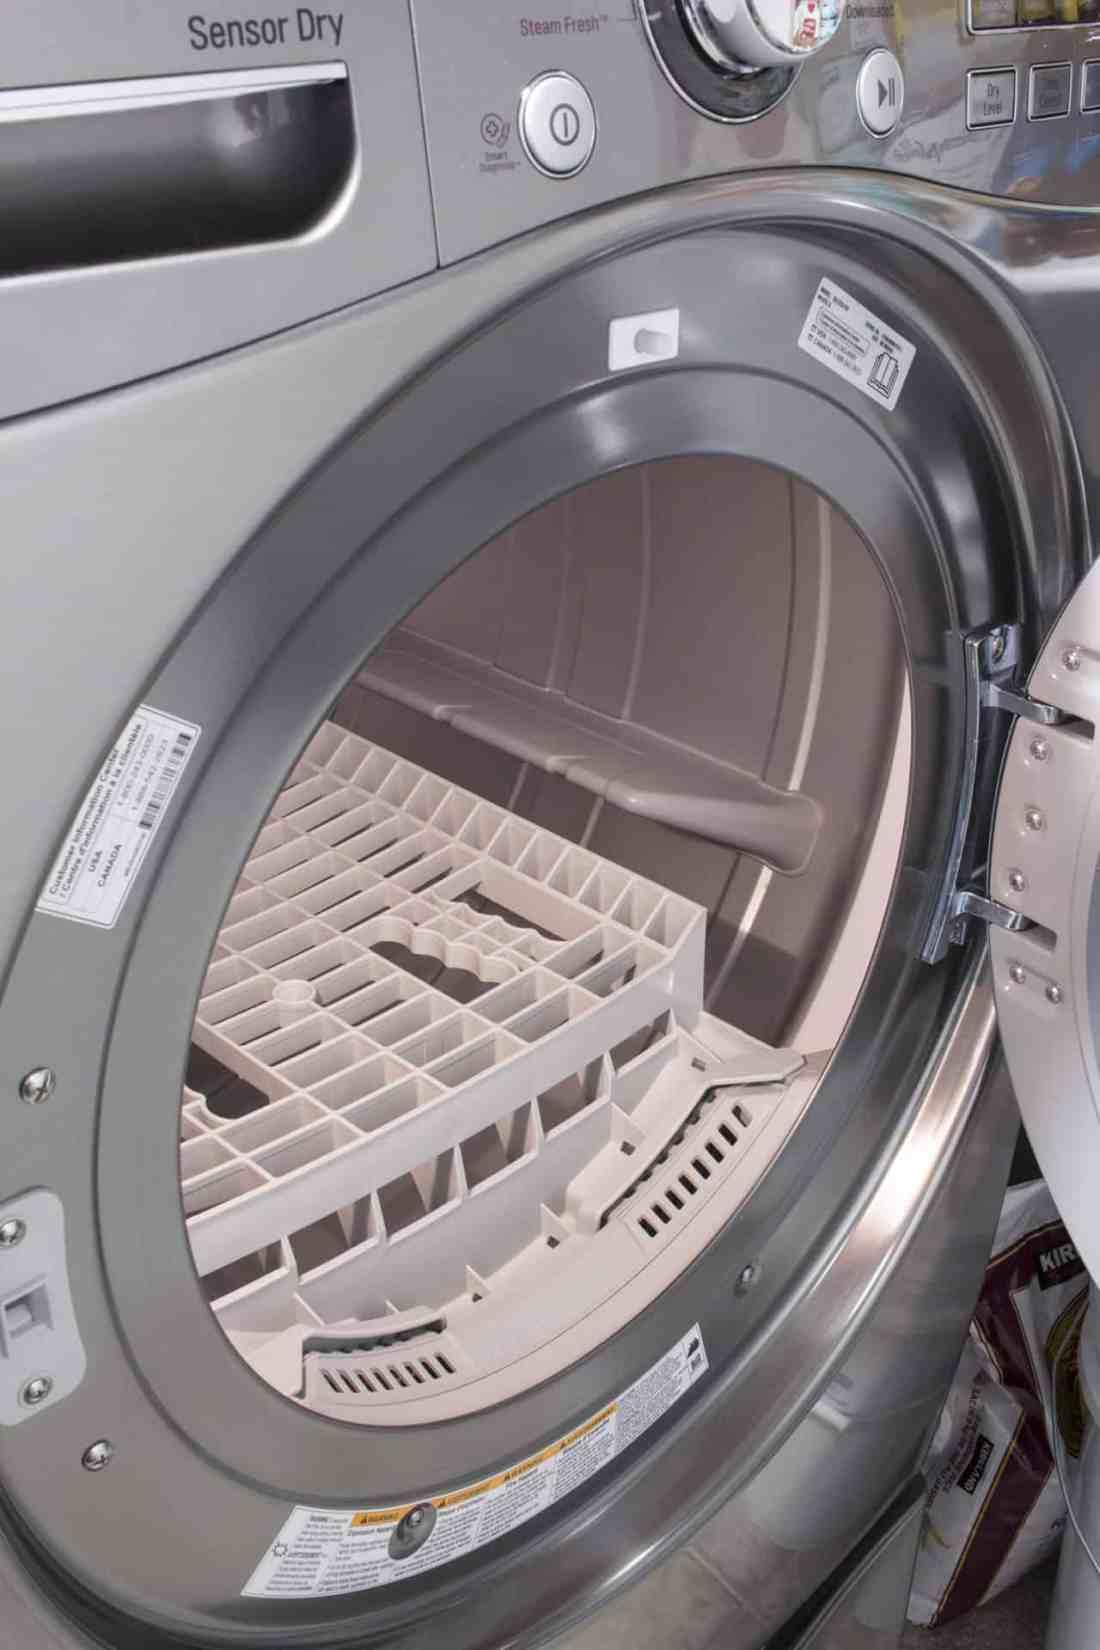 drying rack inside dryer